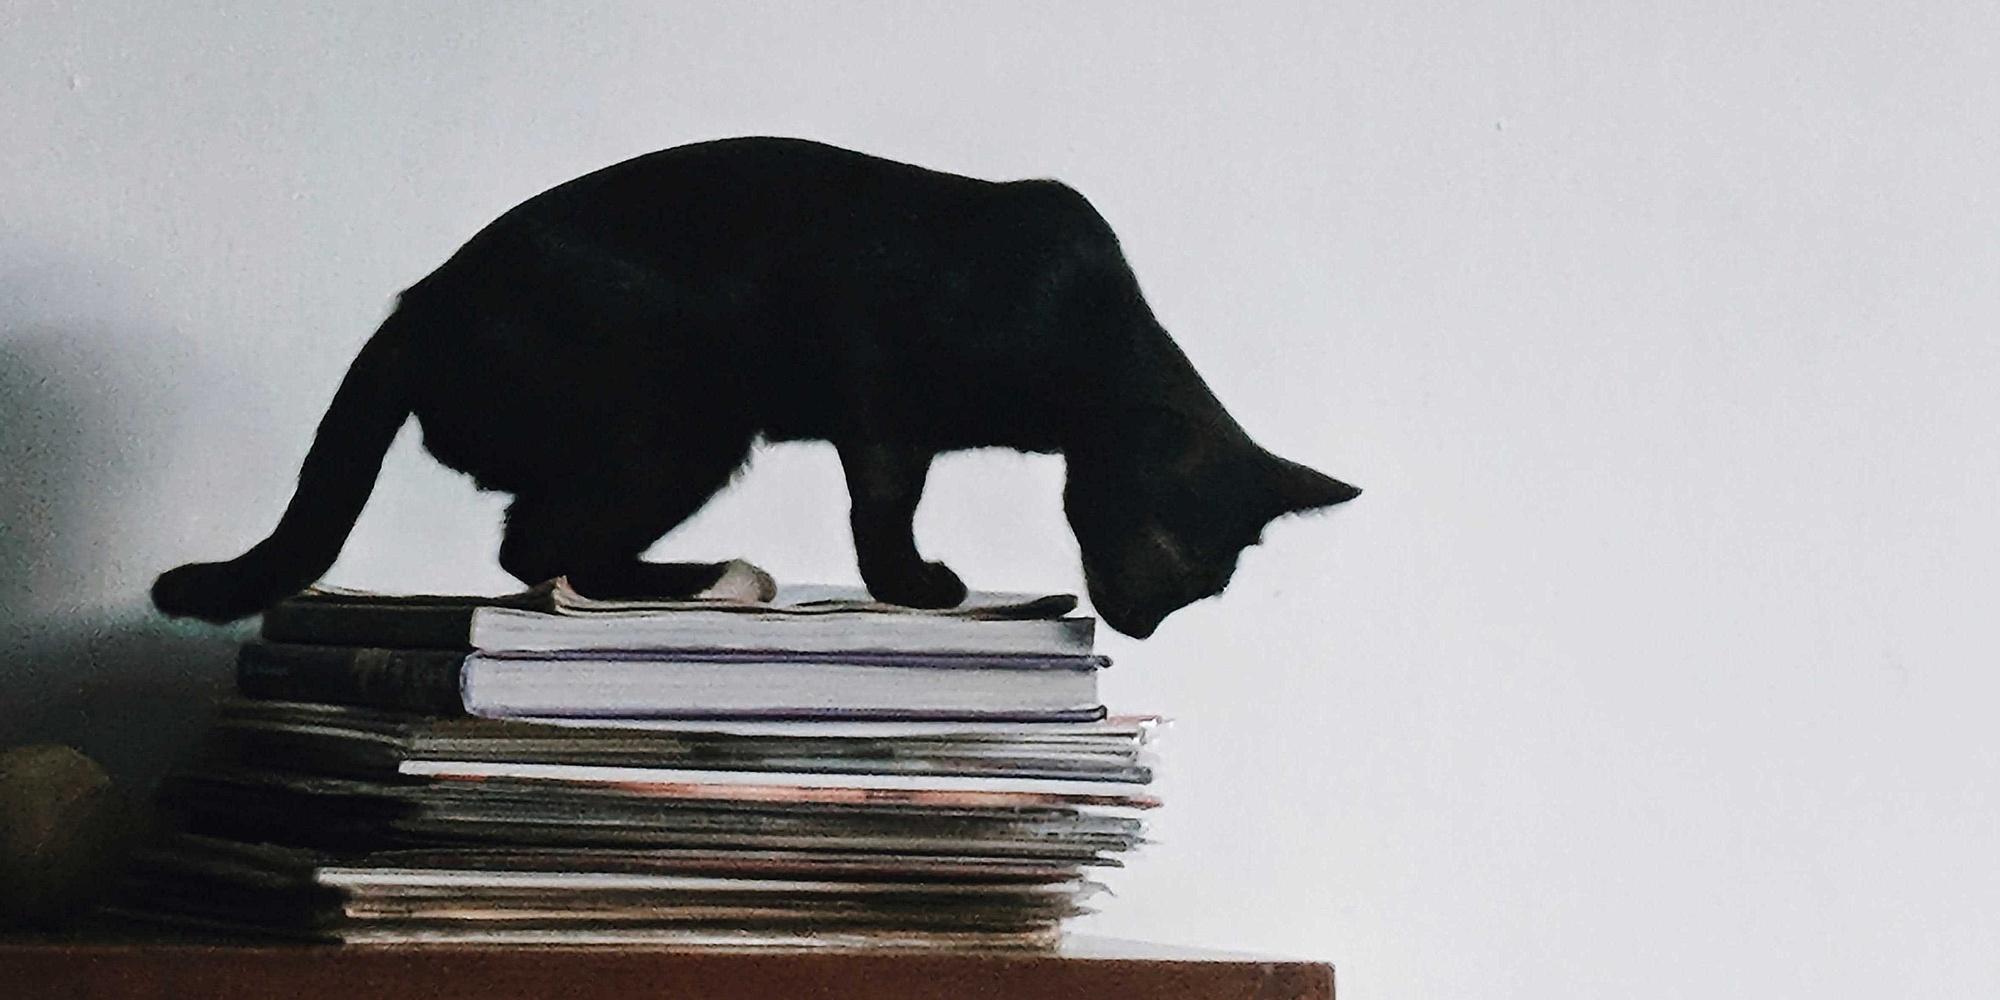 schwarze Katze auf einem Stapel Zeitschriften